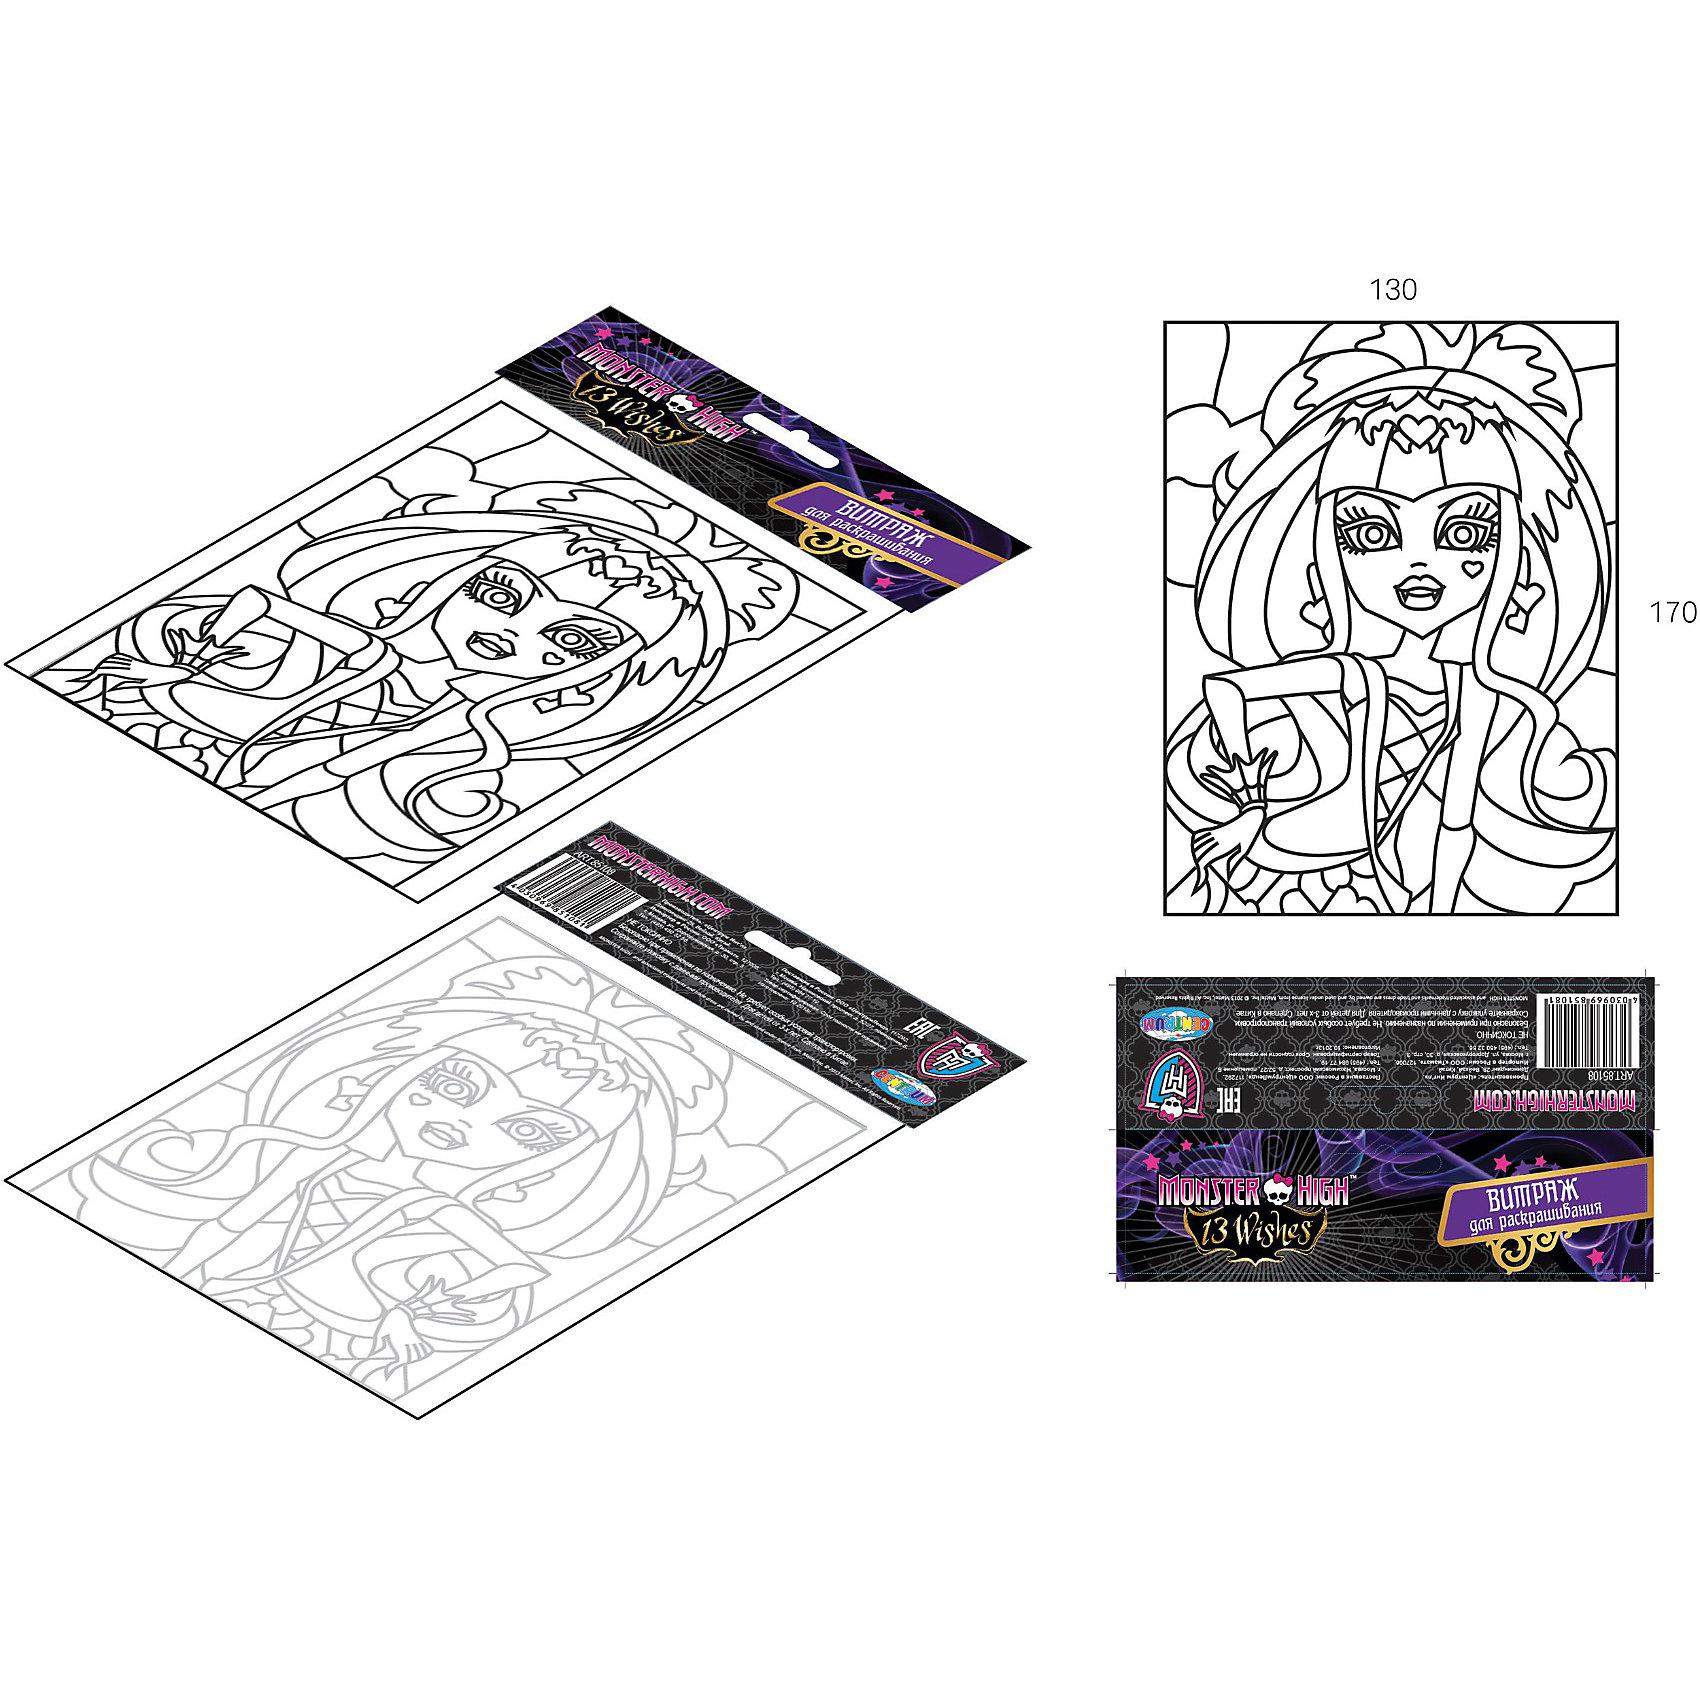 Витражная картинка 17х13 см, Monster HighВитражная картинка, Monster High (Школа монстров) - увлекательный набор для творчества, который поможет Вашей девочке развить свои творческие способности. С помощью трафарета с нанесенным черно-белым рисунком и витражных красок или фломастеров (в комплект не входят) можно создать яркую картинку с изображением персонажей из популярного мультсериала Monster High (Школа монстров). Картинка украсит комнату ребенка или станет подарком, сделанным собственными руками для его друзей и родственников.<br><br>Дополнительная информация:<br><br>- В комплекте: трафарет-витраж. <br>- Материал: пластик.<br>- Размер картинки: 17 х 13 см.<br>- Вес: 59 гр.<br><br>Набор способствует развитию мелкой моторики рук, внимания, творческих и художественных способностей ребенка.<br><br>Витражную картинку, Monster High (Монстр Хай) можно купить в нашем интернет-магазине.<br><br>Ширина мм: 5<br>Глубина мм: 135<br>Высота мм: 220<br>Вес г: 59<br>Возраст от месяцев: 36<br>Возраст до месяцев: 96<br>Пол: Женский<br>Возраст: Детский<br>SKU: 3866722